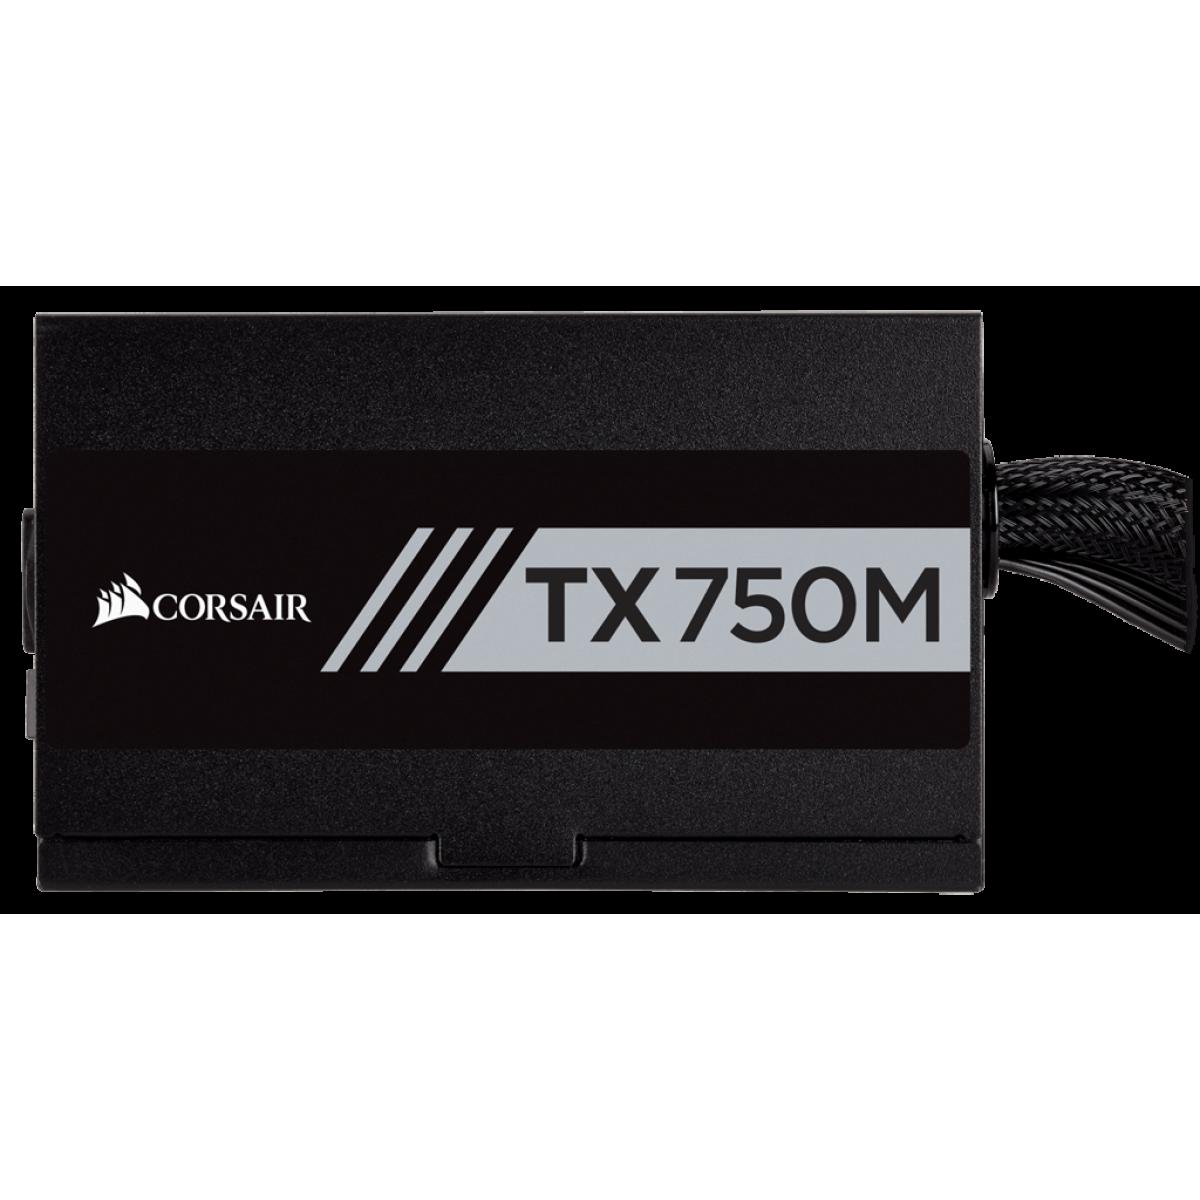 Fonte Corsair Tx750m 750w, 80 Plus Gold, PFC Ativo, Semi Modular, Cp-9020131-ww